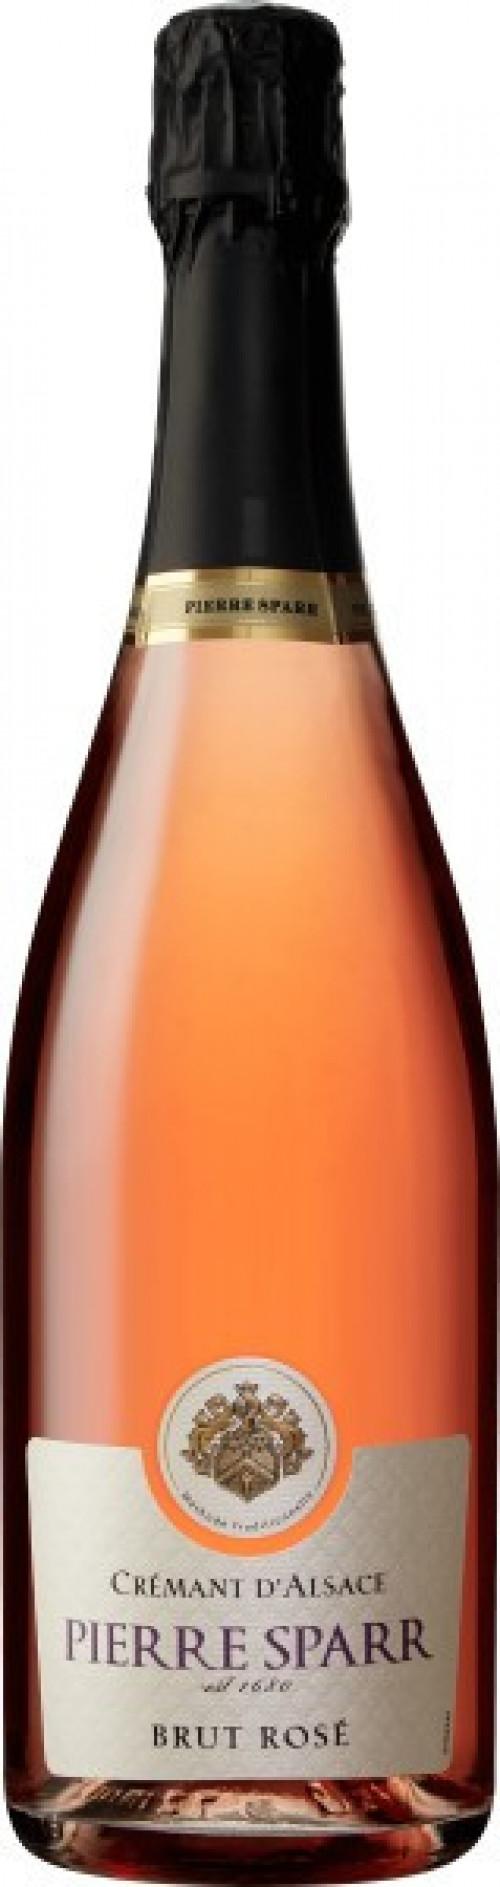 Pierre Sparr Brut Rose 750ml NV